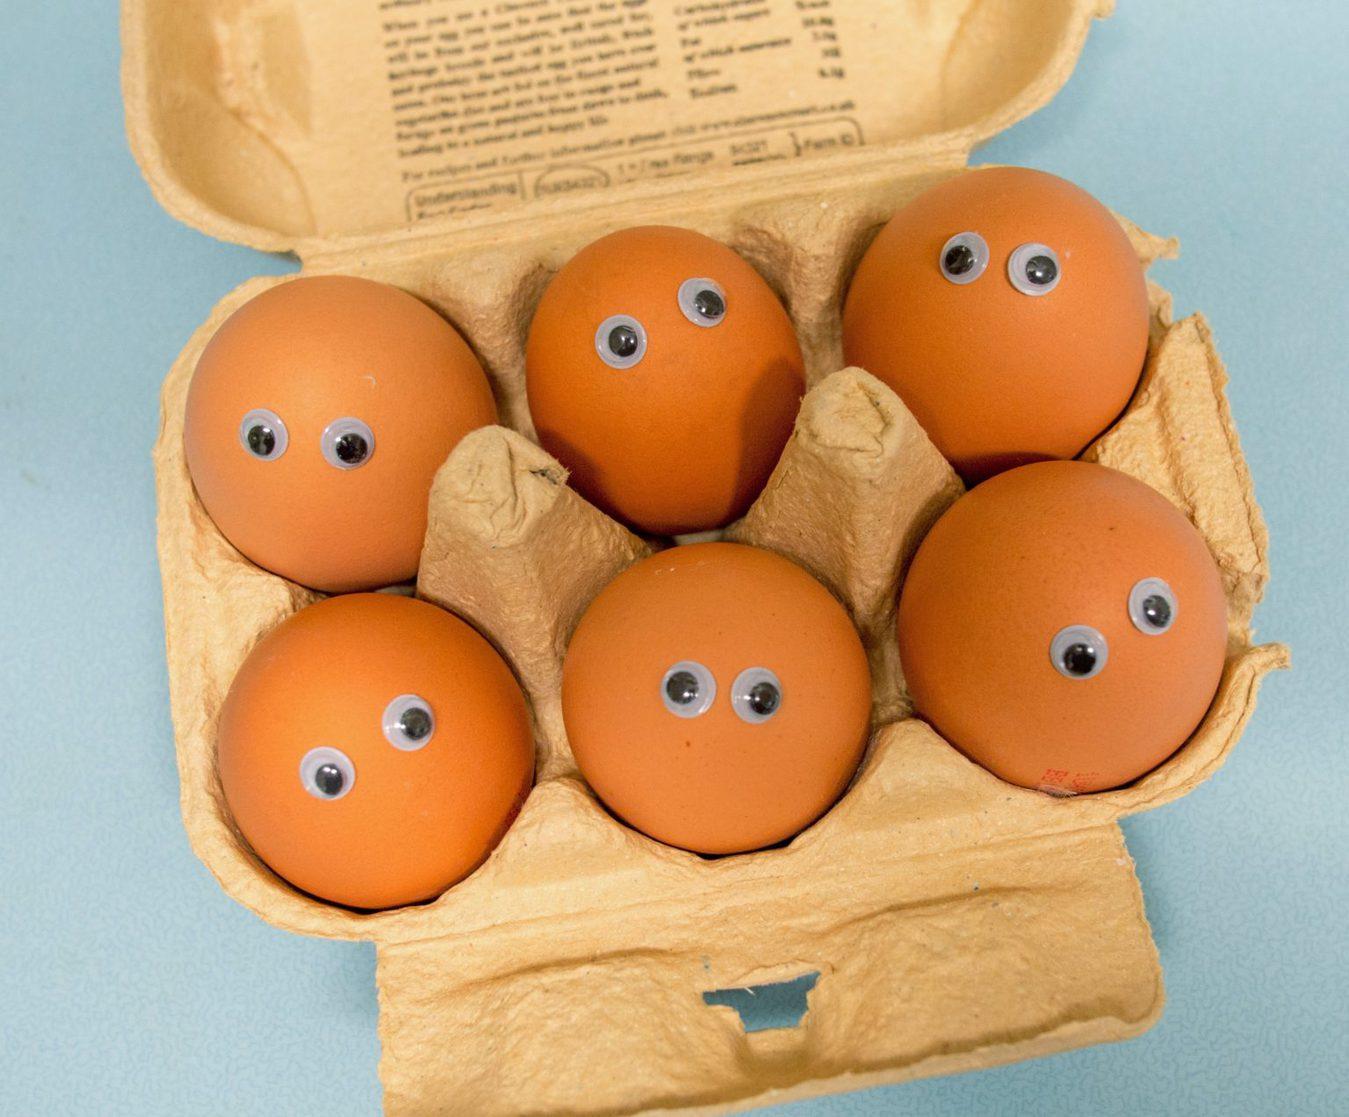 Jajka z oczami w pudełku na niebieskim tle